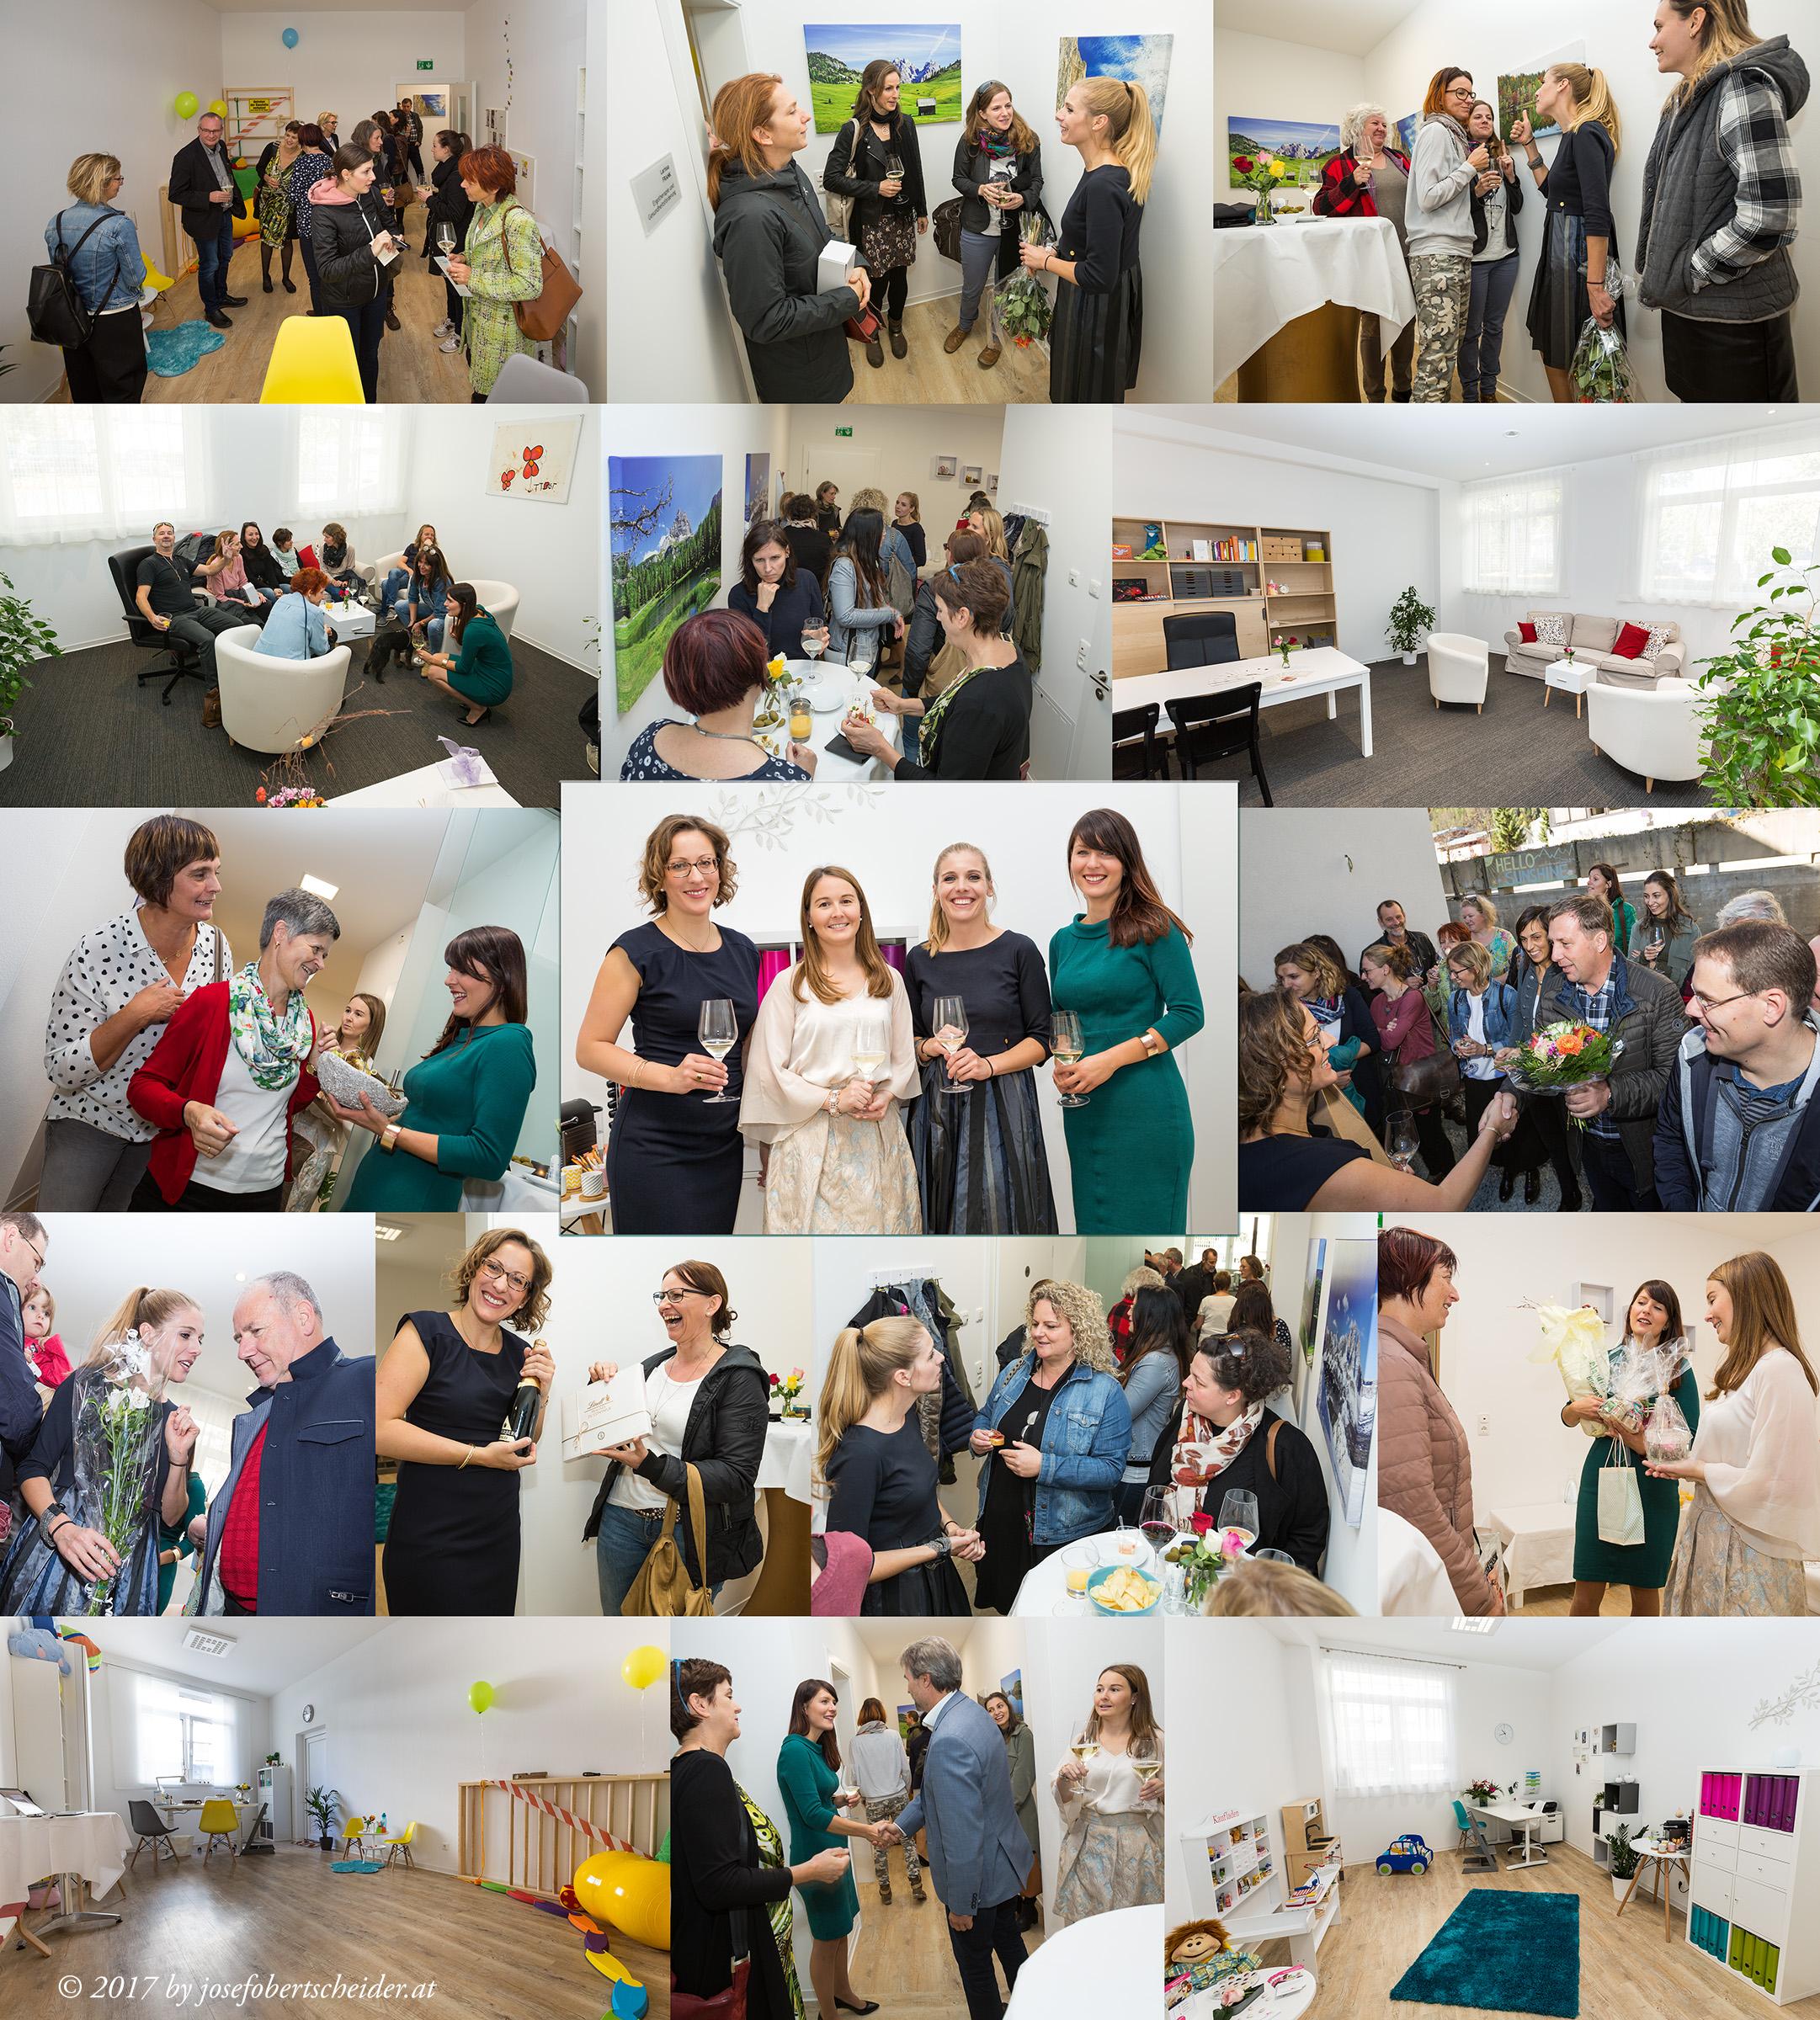 Praxiseröffnung in Lienz, Larissa Frank, Birgit Neumair, Bernadette Moser, Sarah Schrall